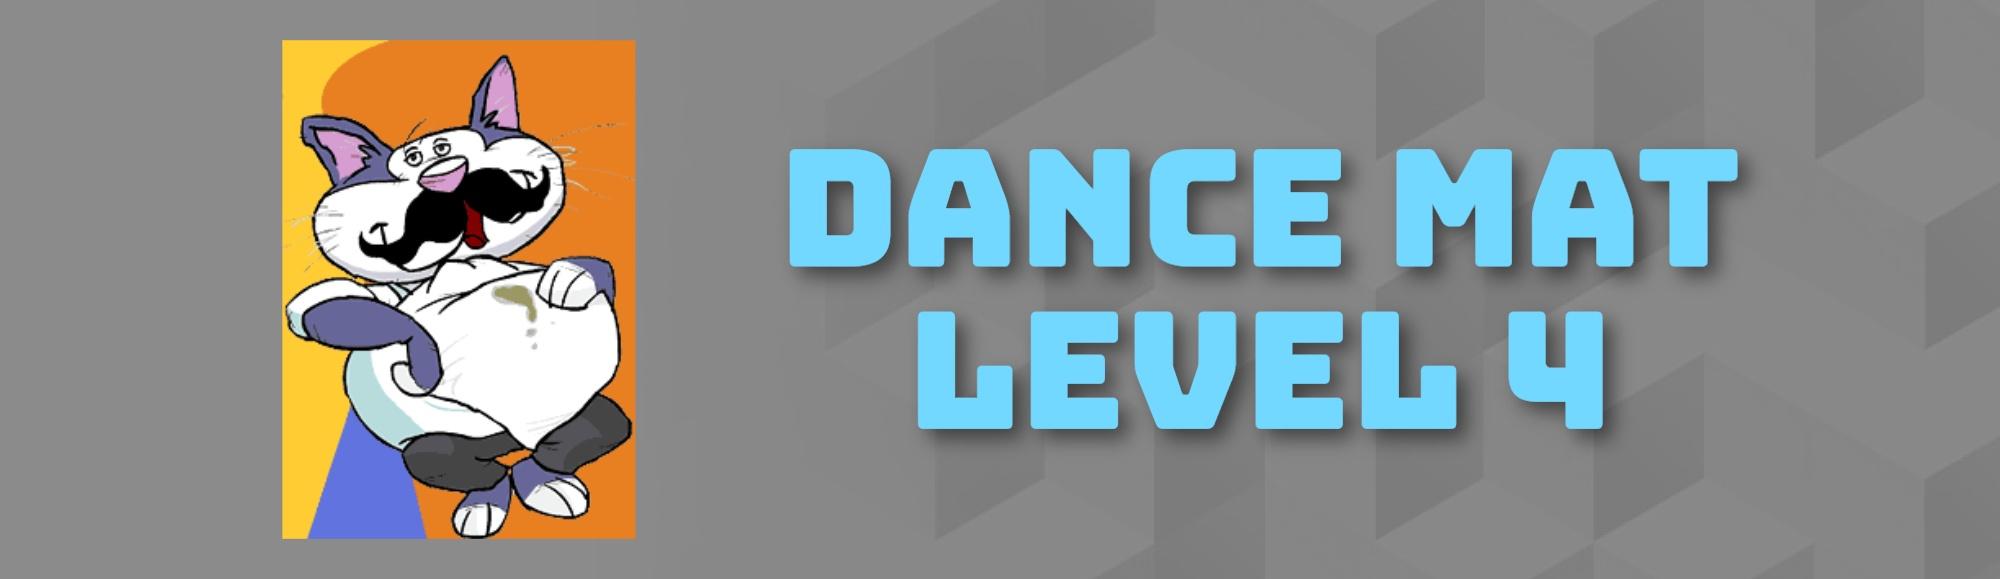 DANCE MAT LEVEL 4